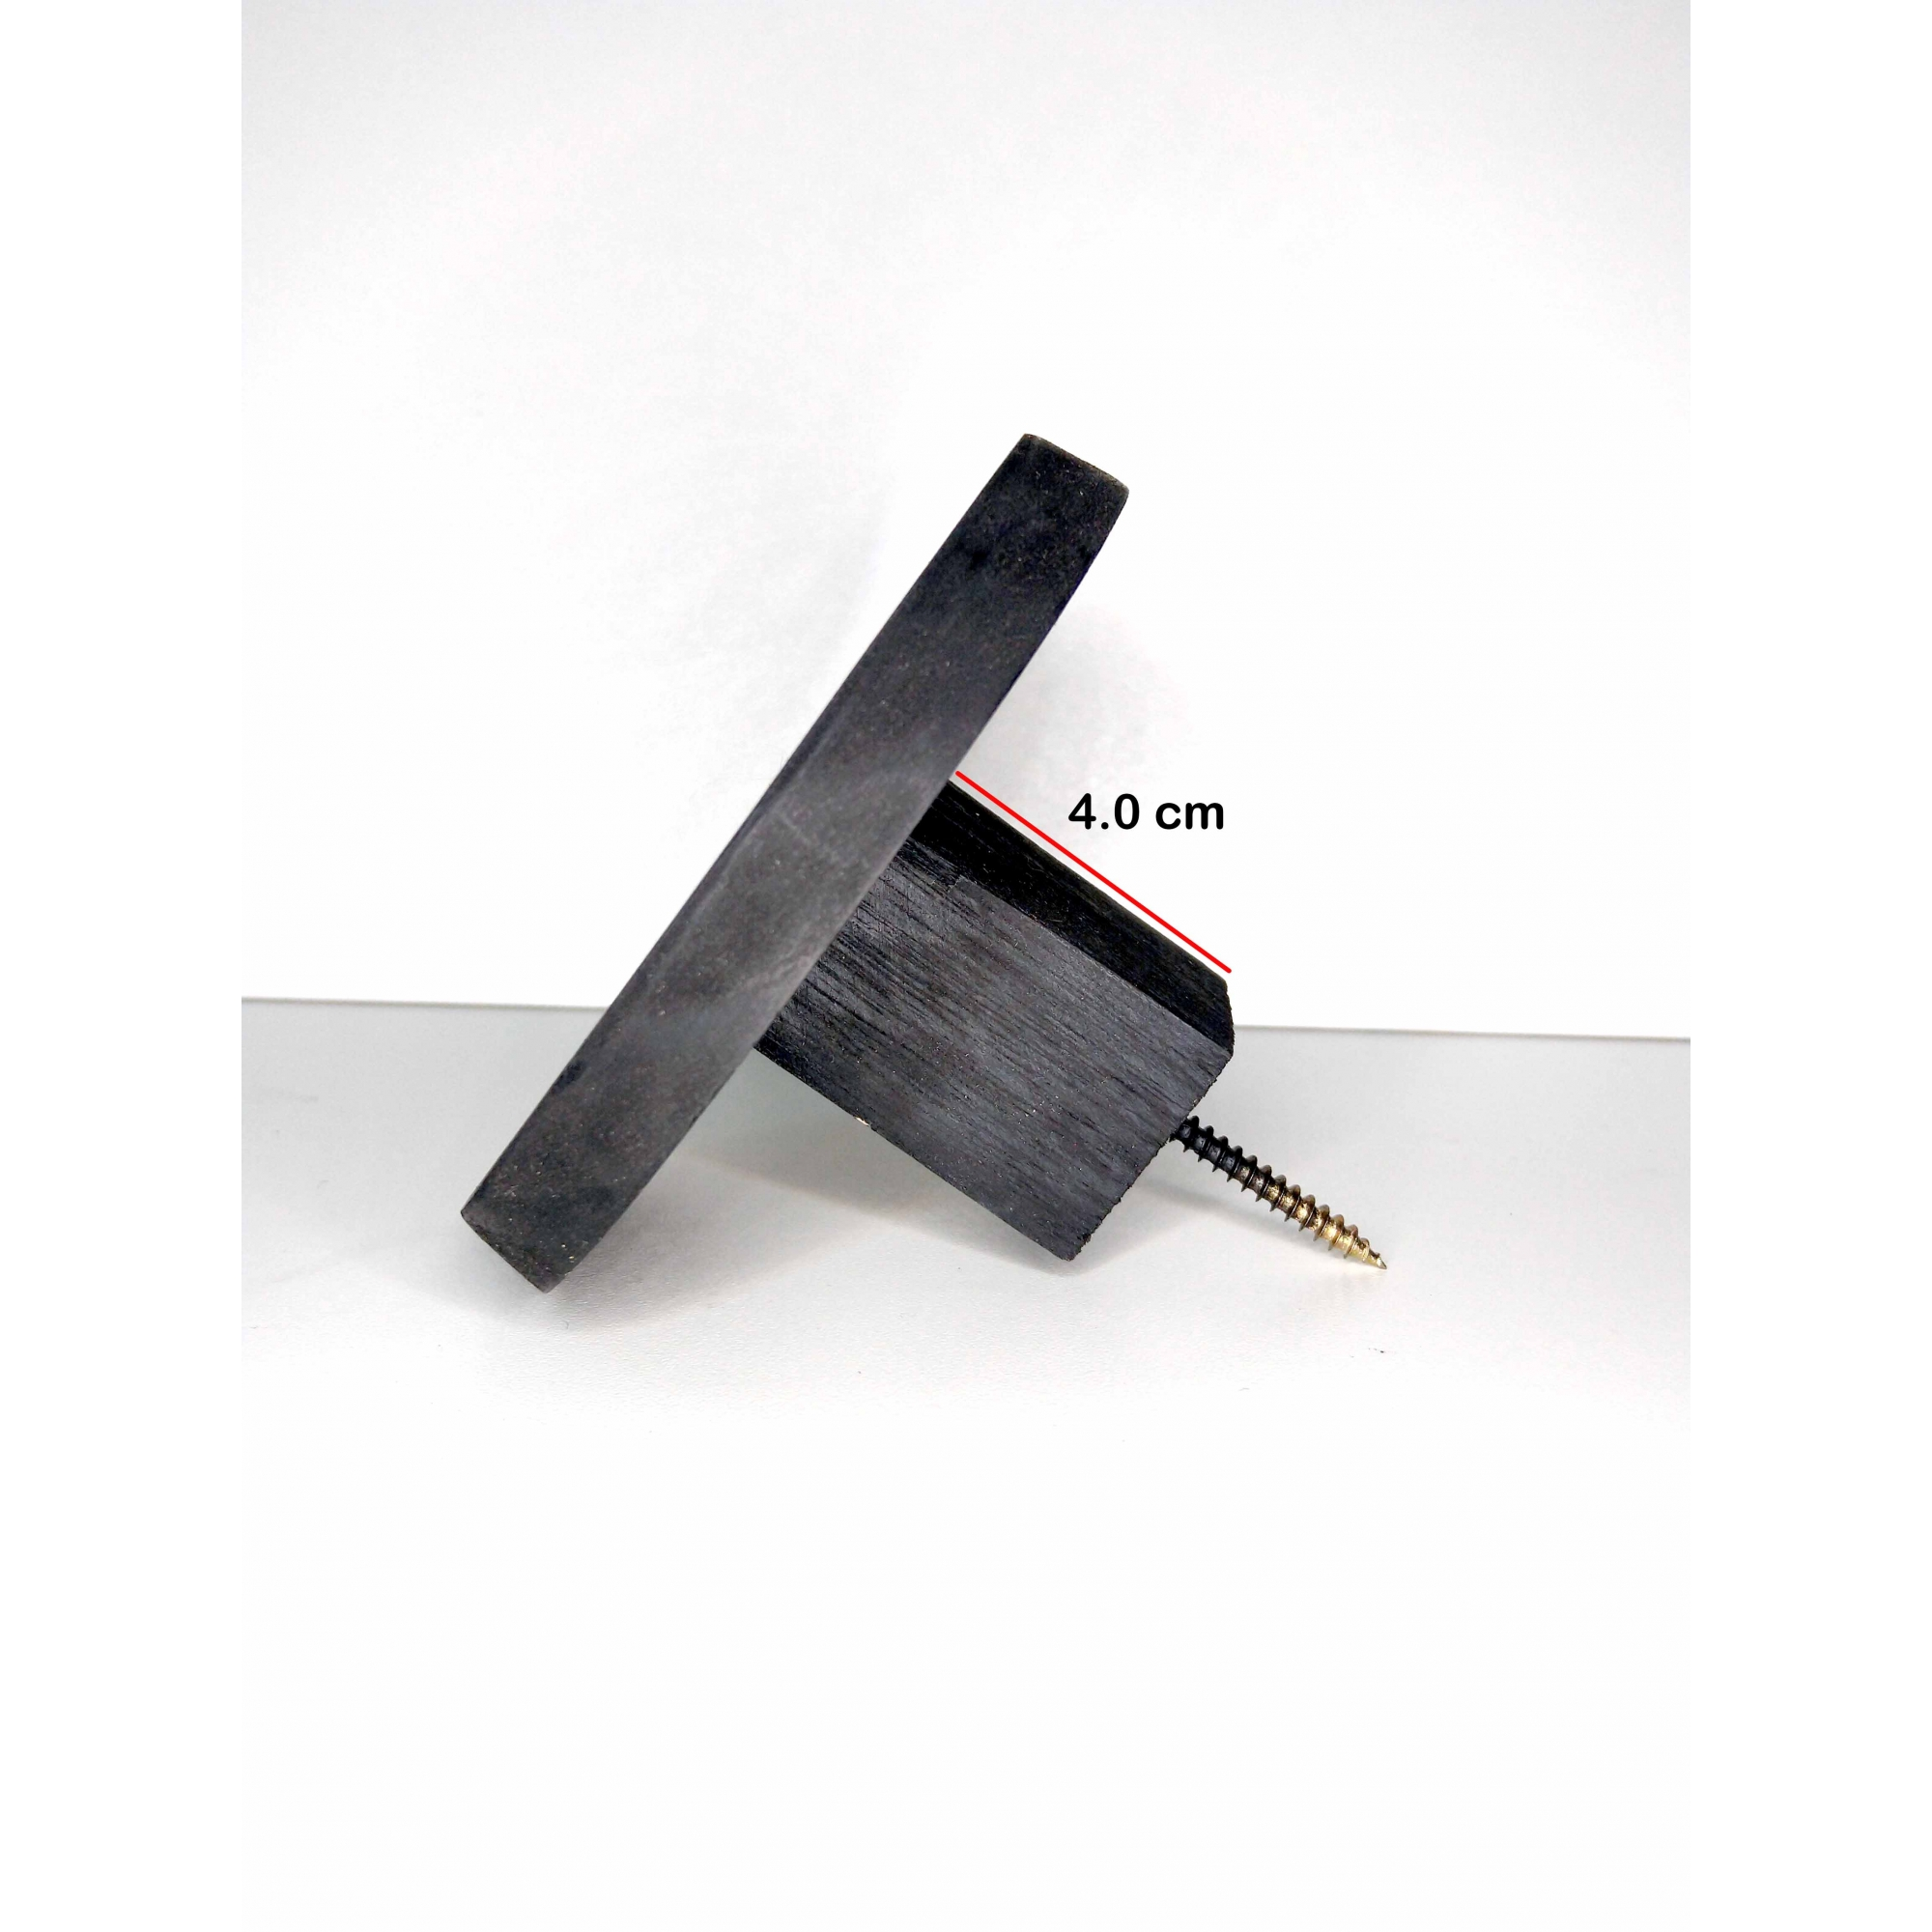 Cabide de Madeira Redondo Pinus Preto 9,5 cm Diâmetro - Unidade